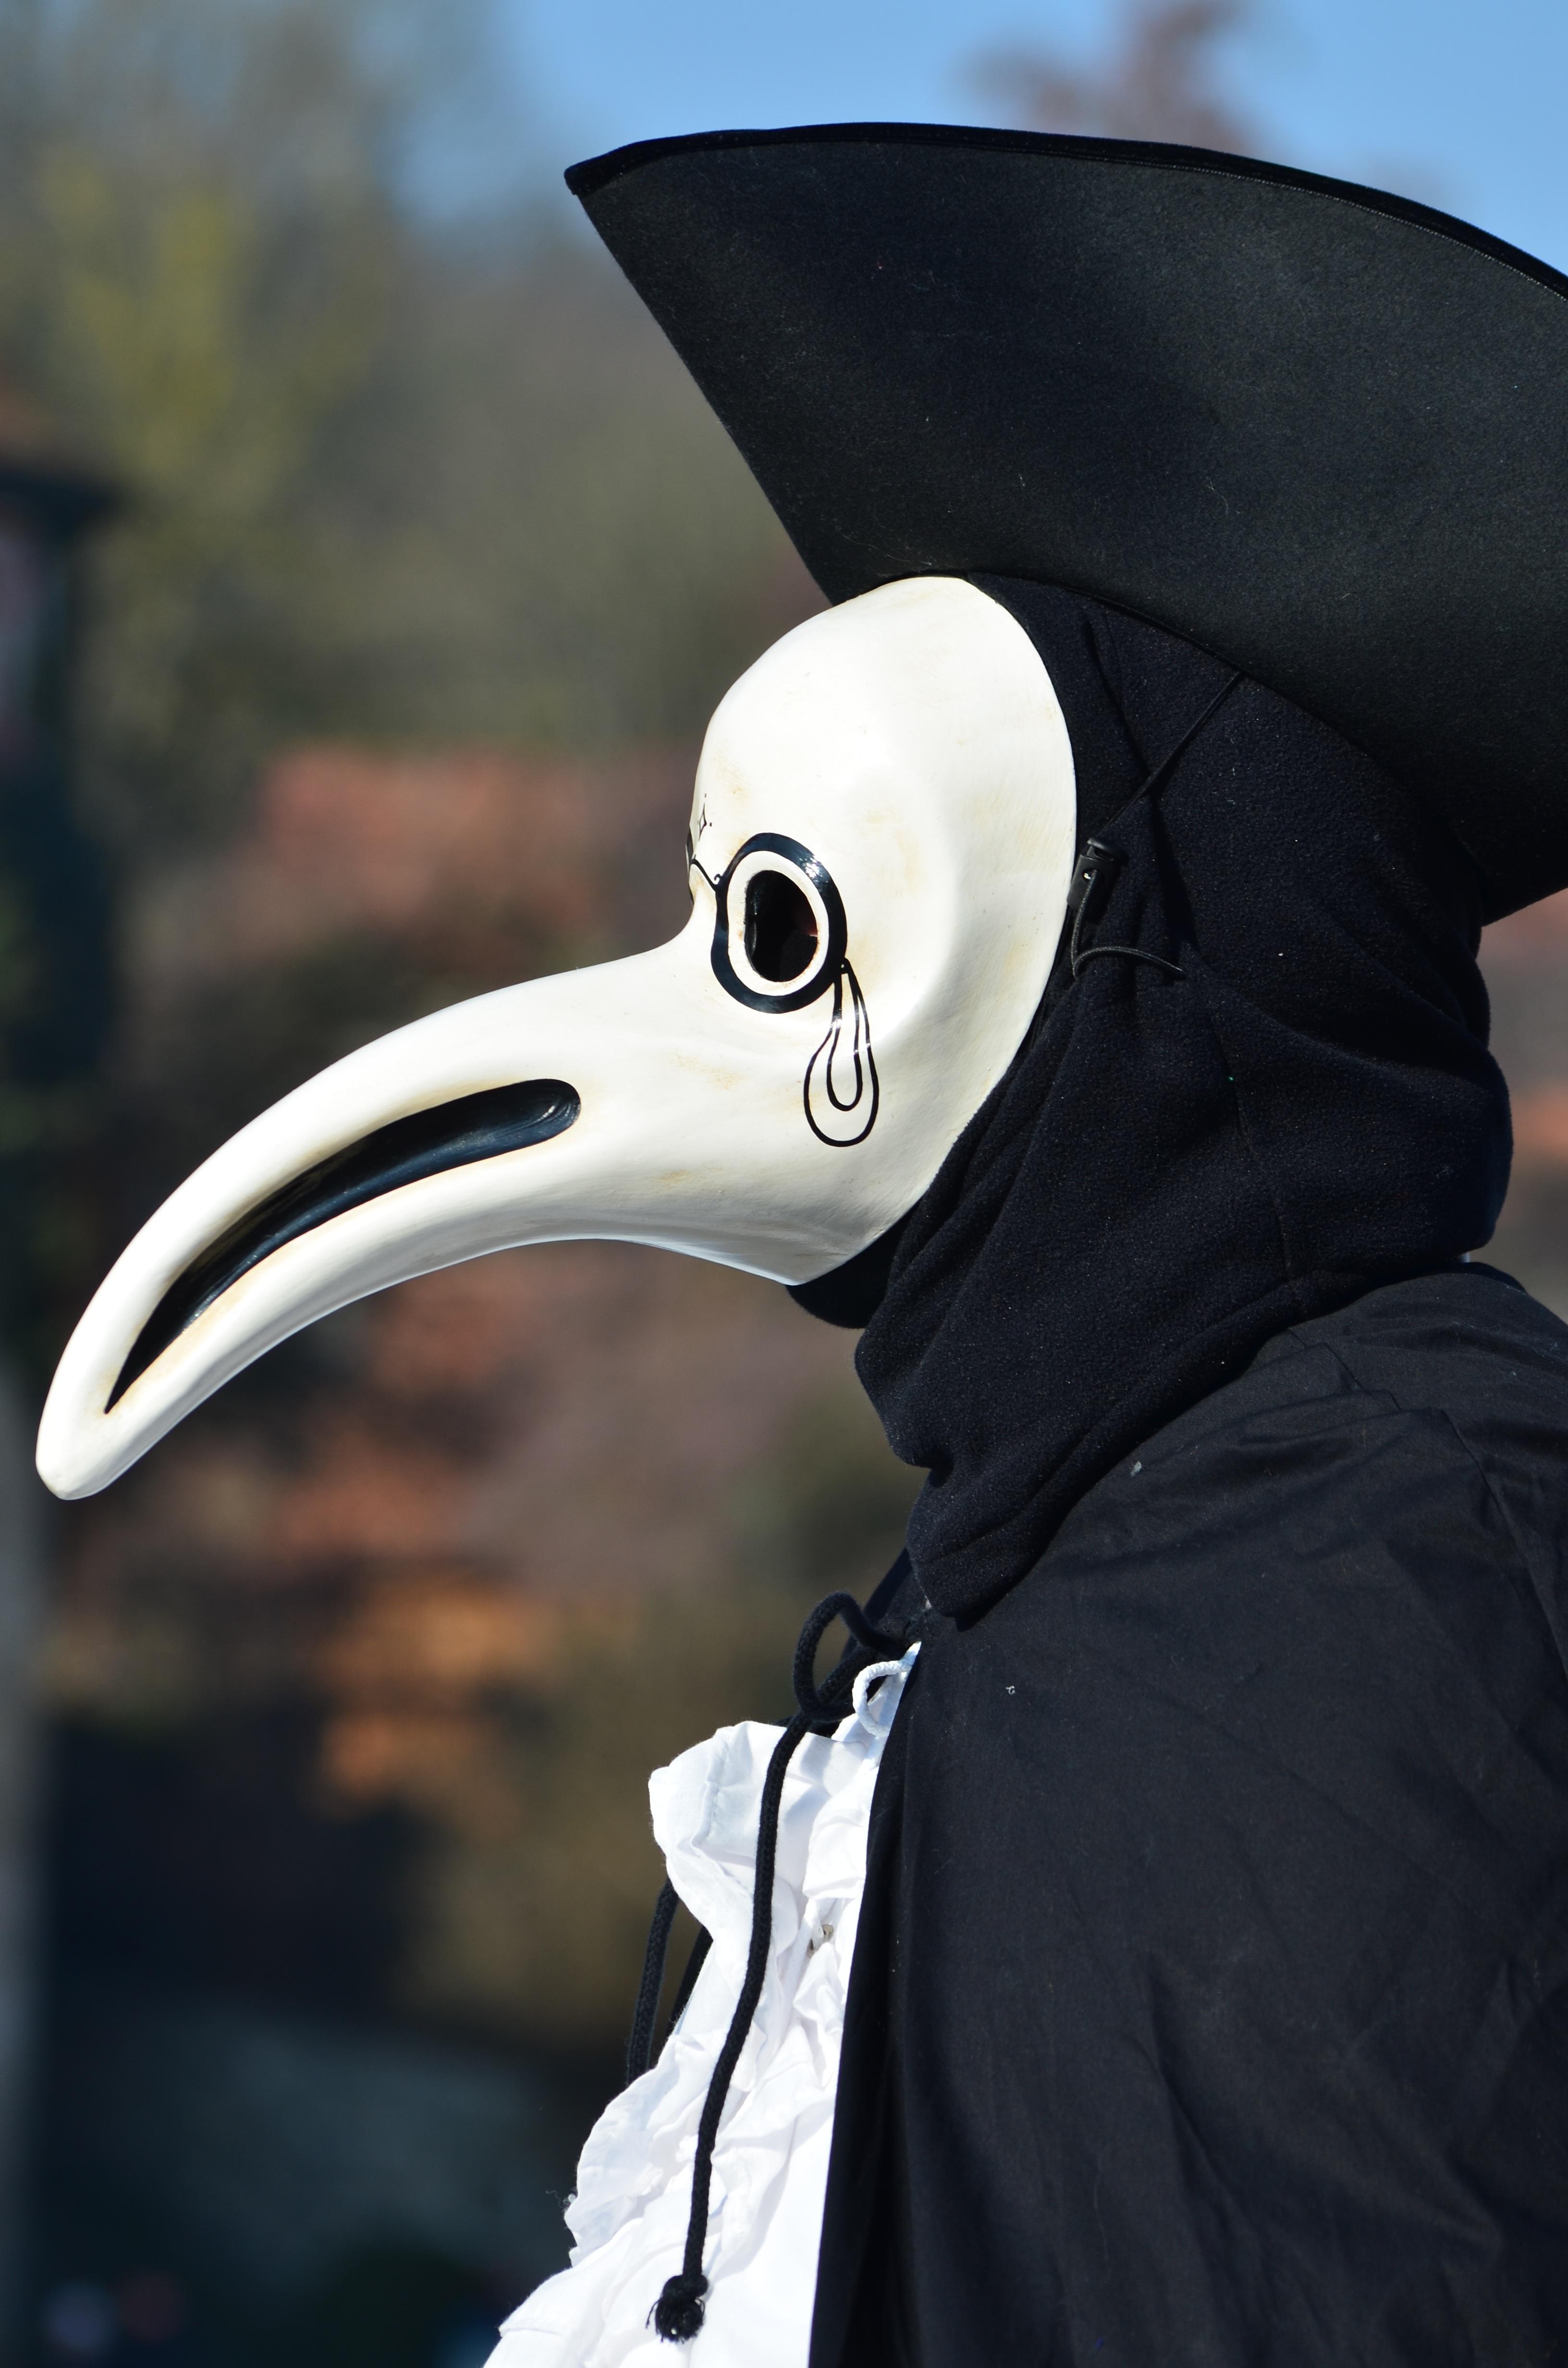 Schw Bisch gratis billeder fugl hvid karneval venedig blå tøj sort skulptur maske figur briller